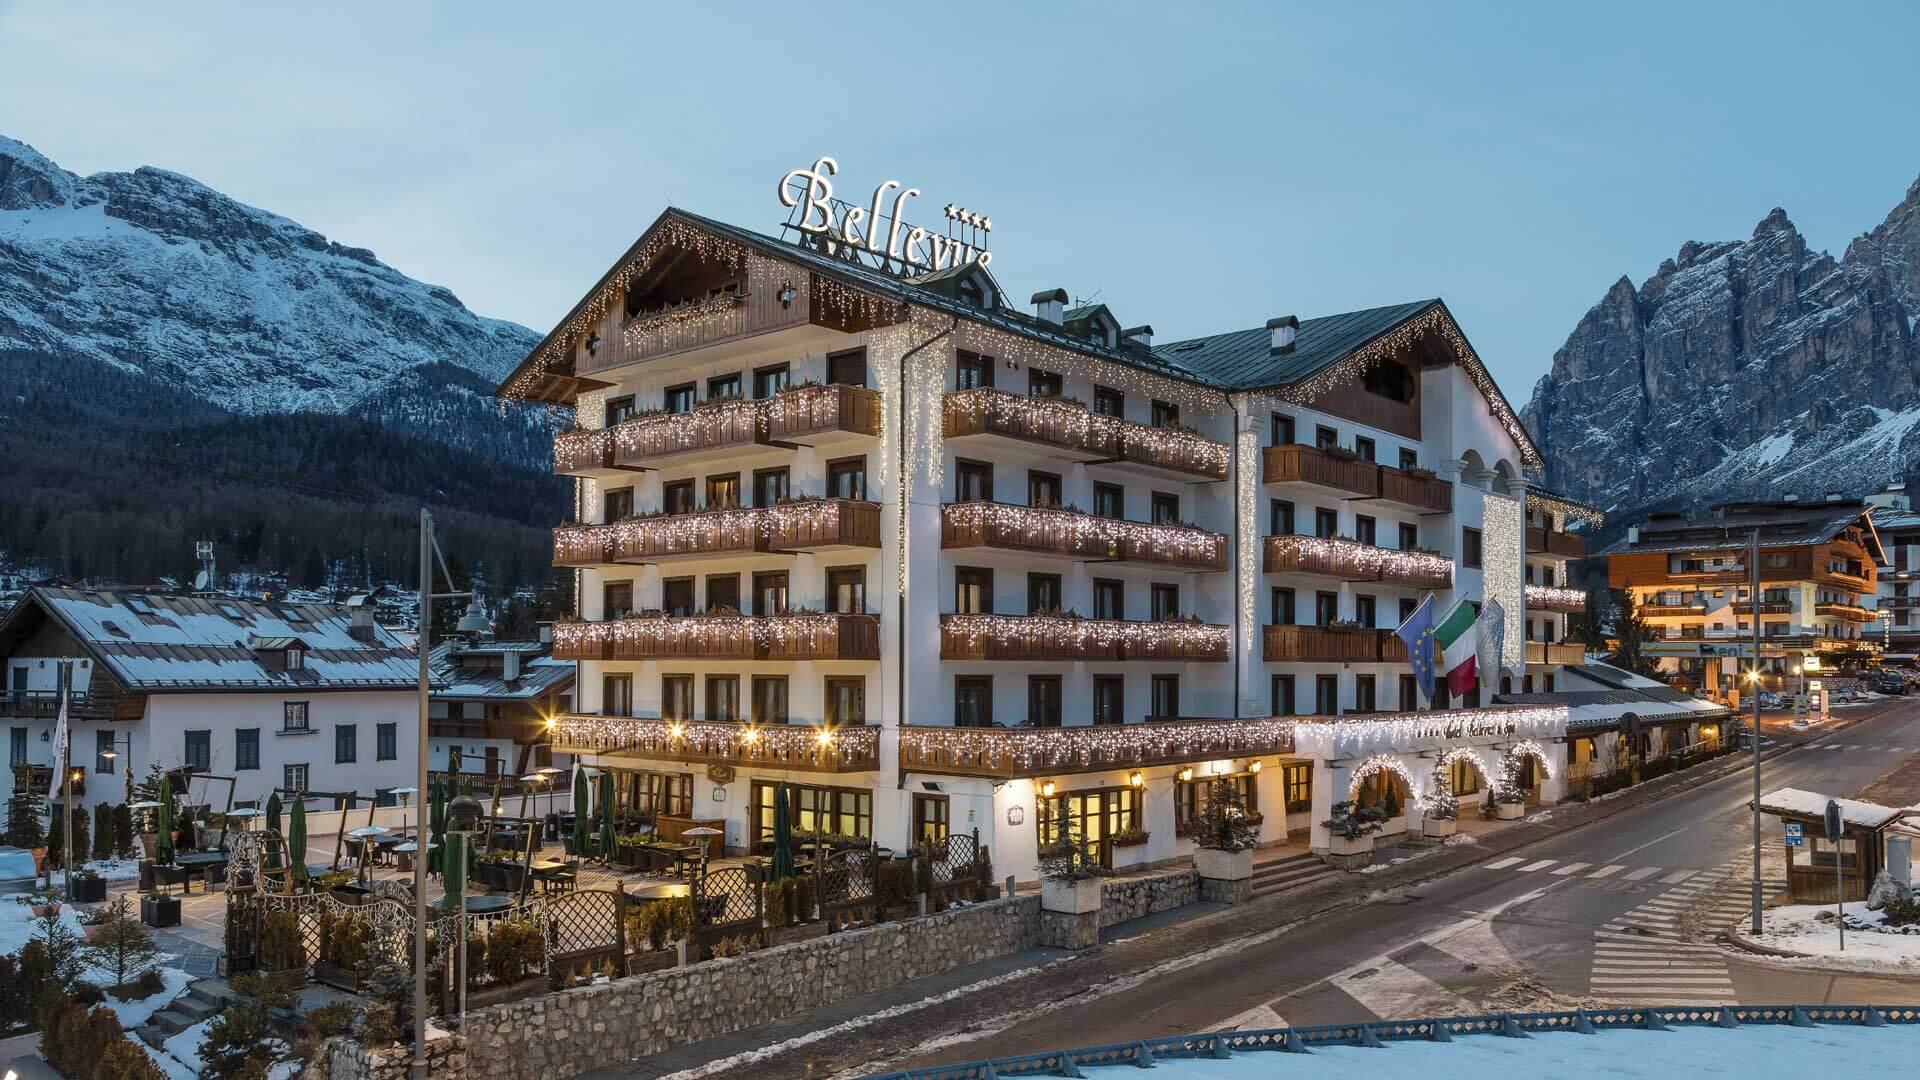 I migliori hotel storici in Italia